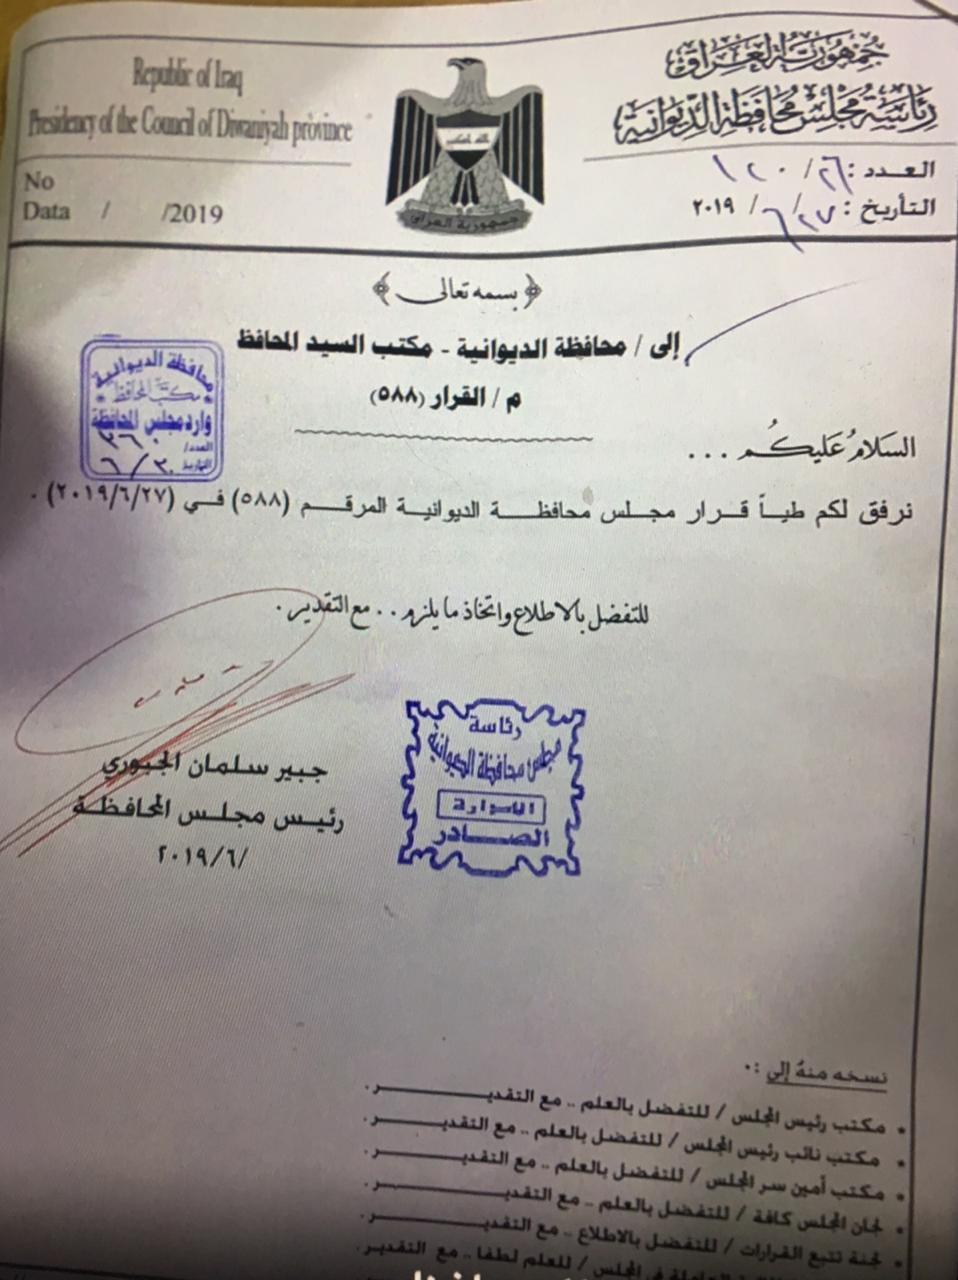 وثائق: حكومة الديوانية تخاطب مجلس مكافحة الفساد والنزاهة بشأن الحسناوي